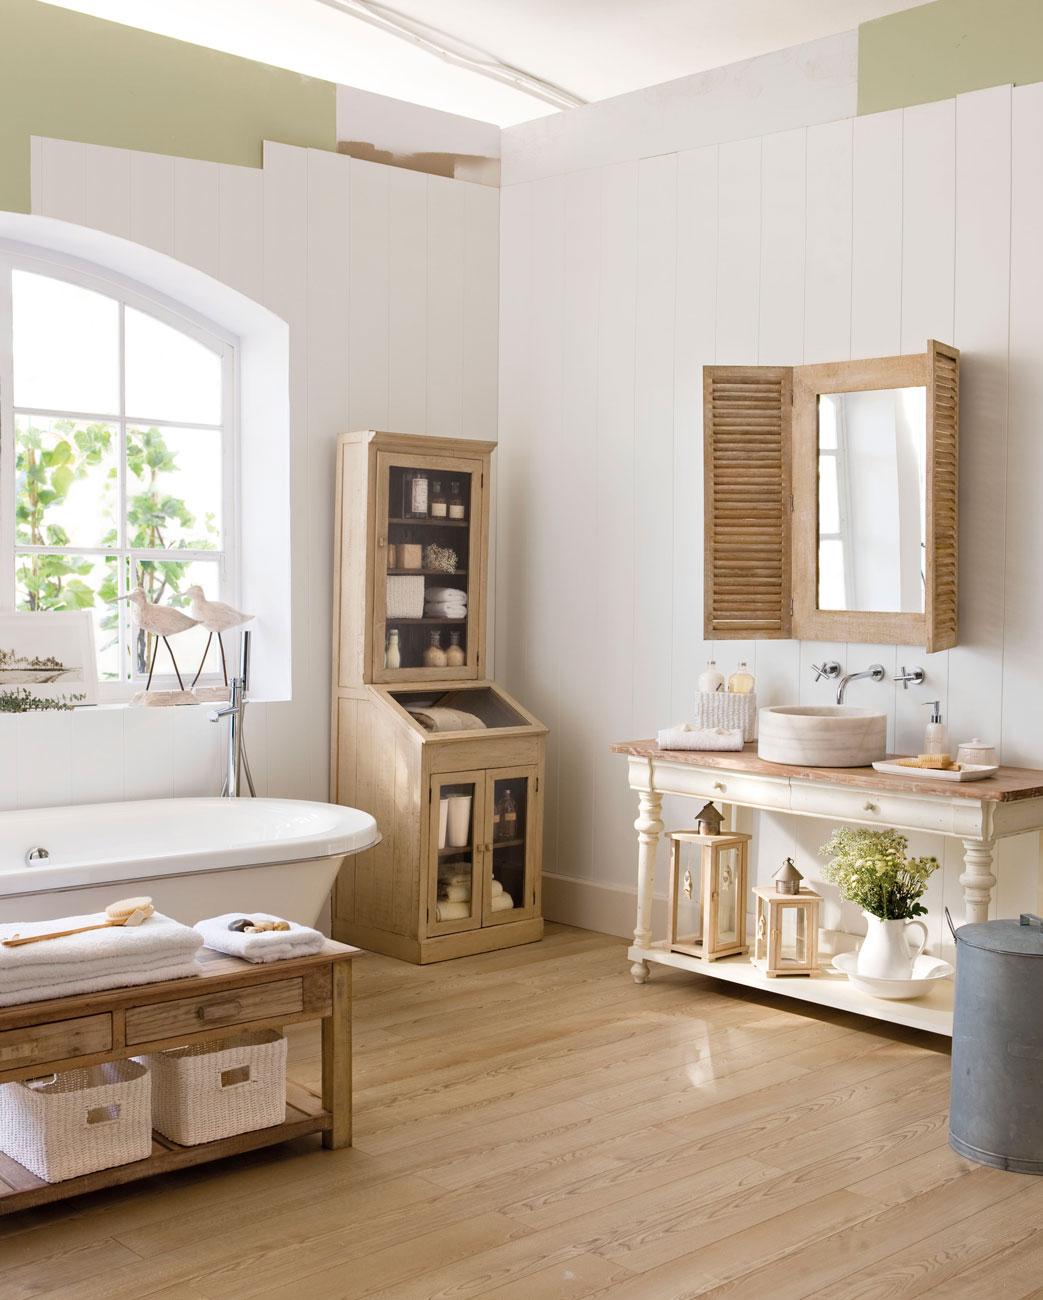 Espejos grandes de pared espejo mnich espejo slim for Espejos grandes precios